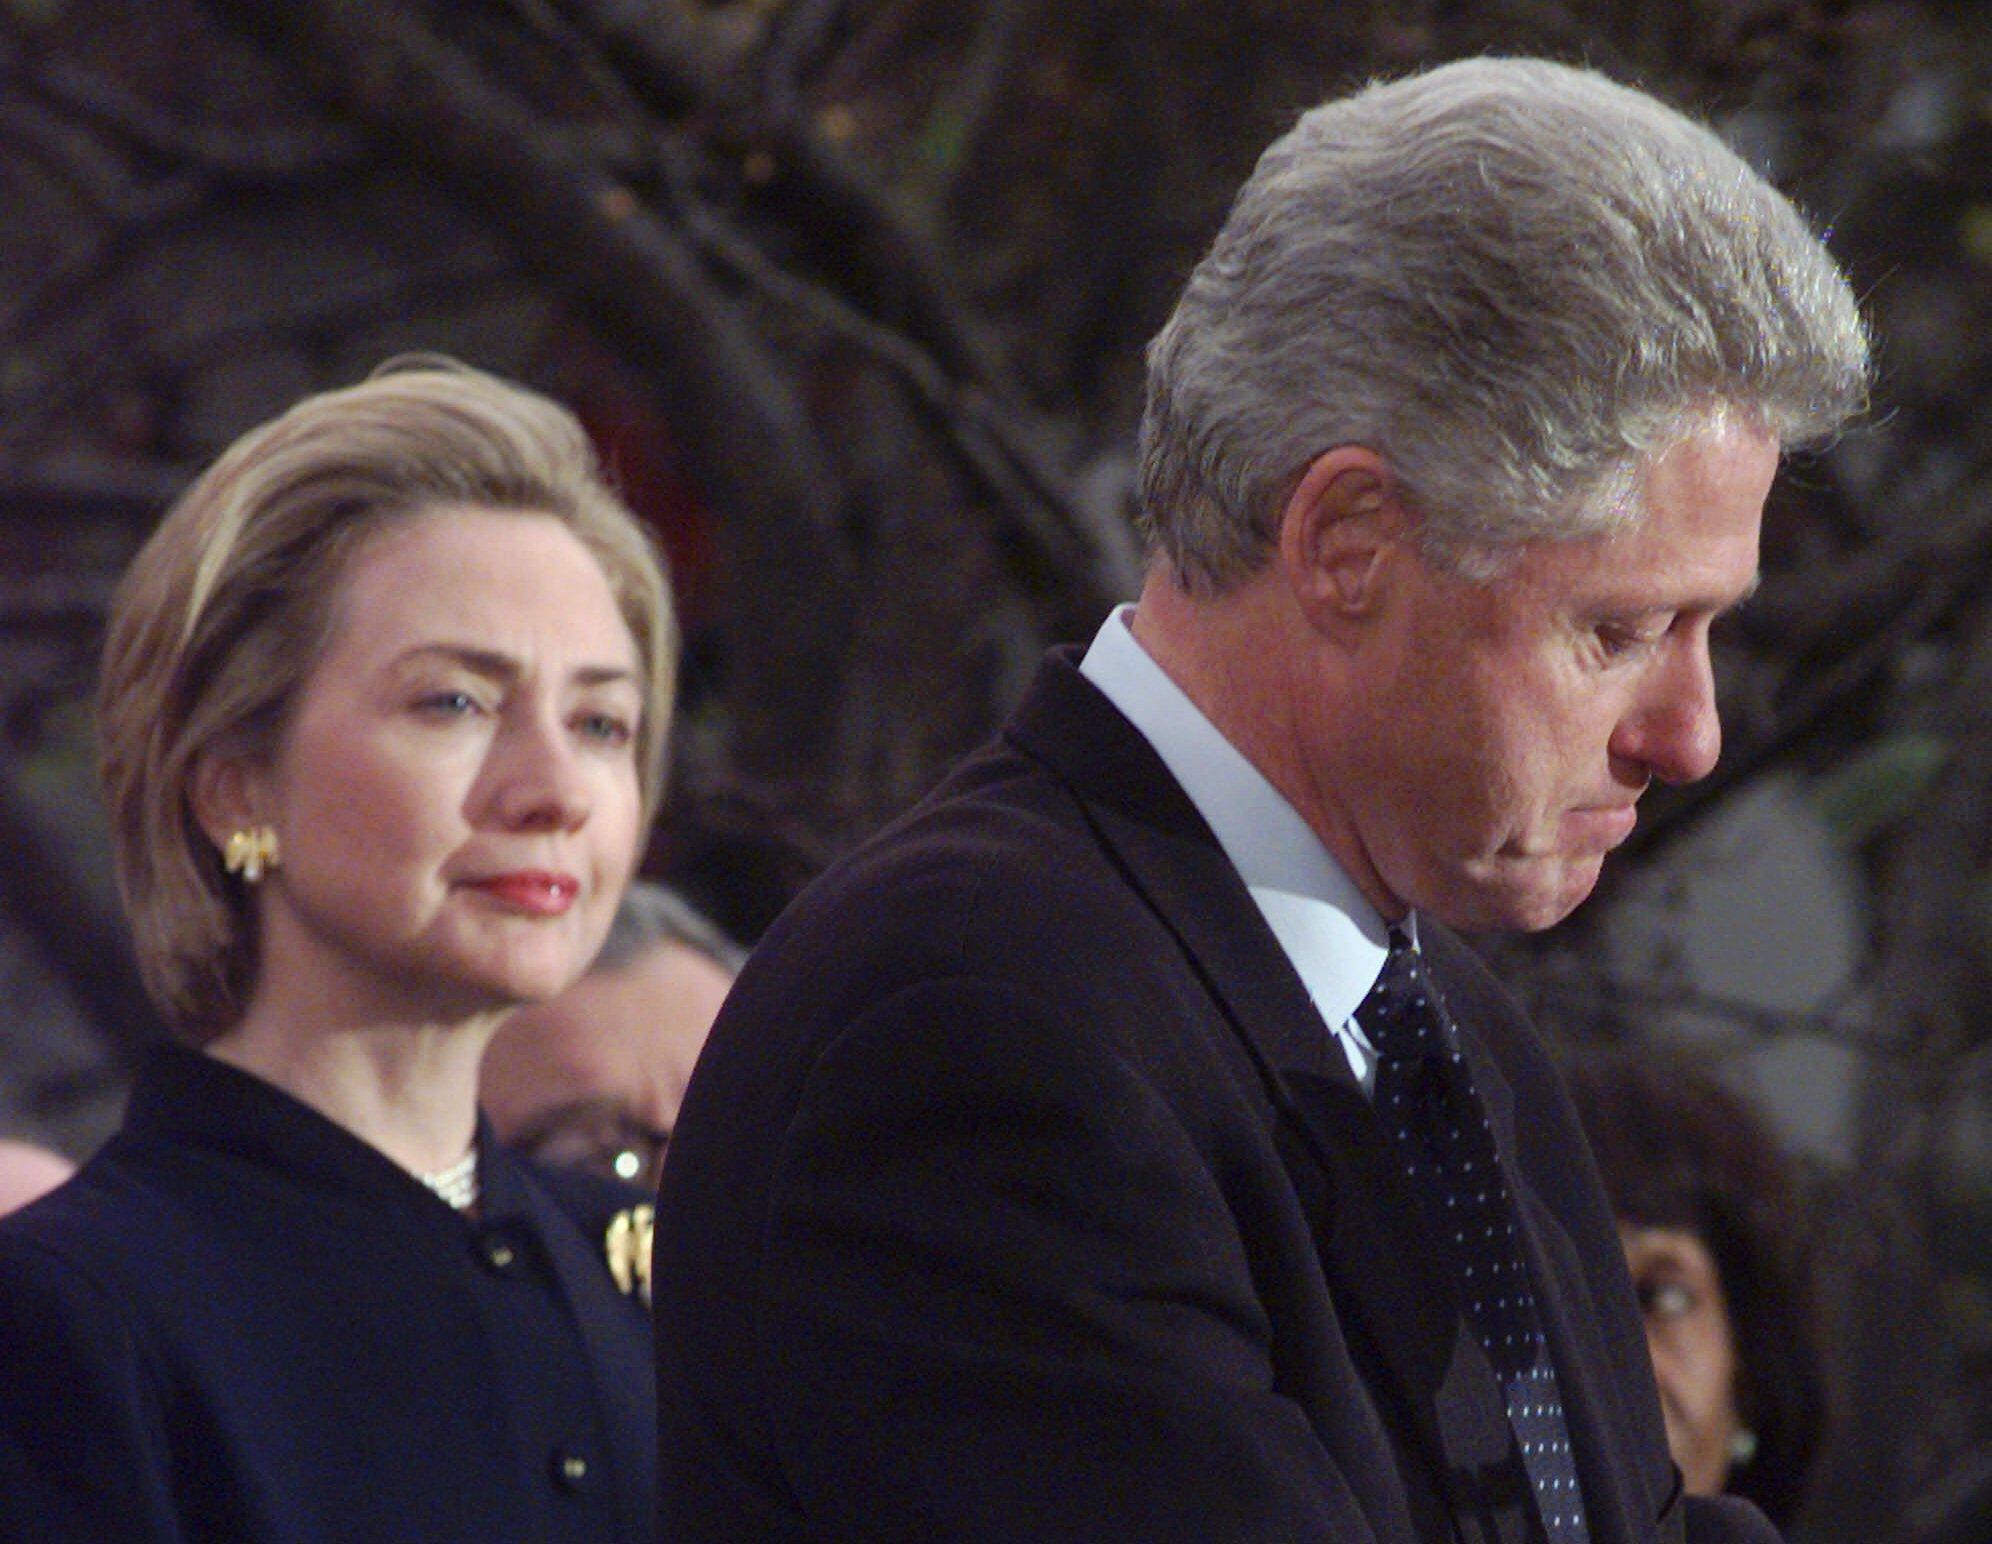 20 años del último juicio político a un presidente de EEUU: el caso Clinton-Lewinsky